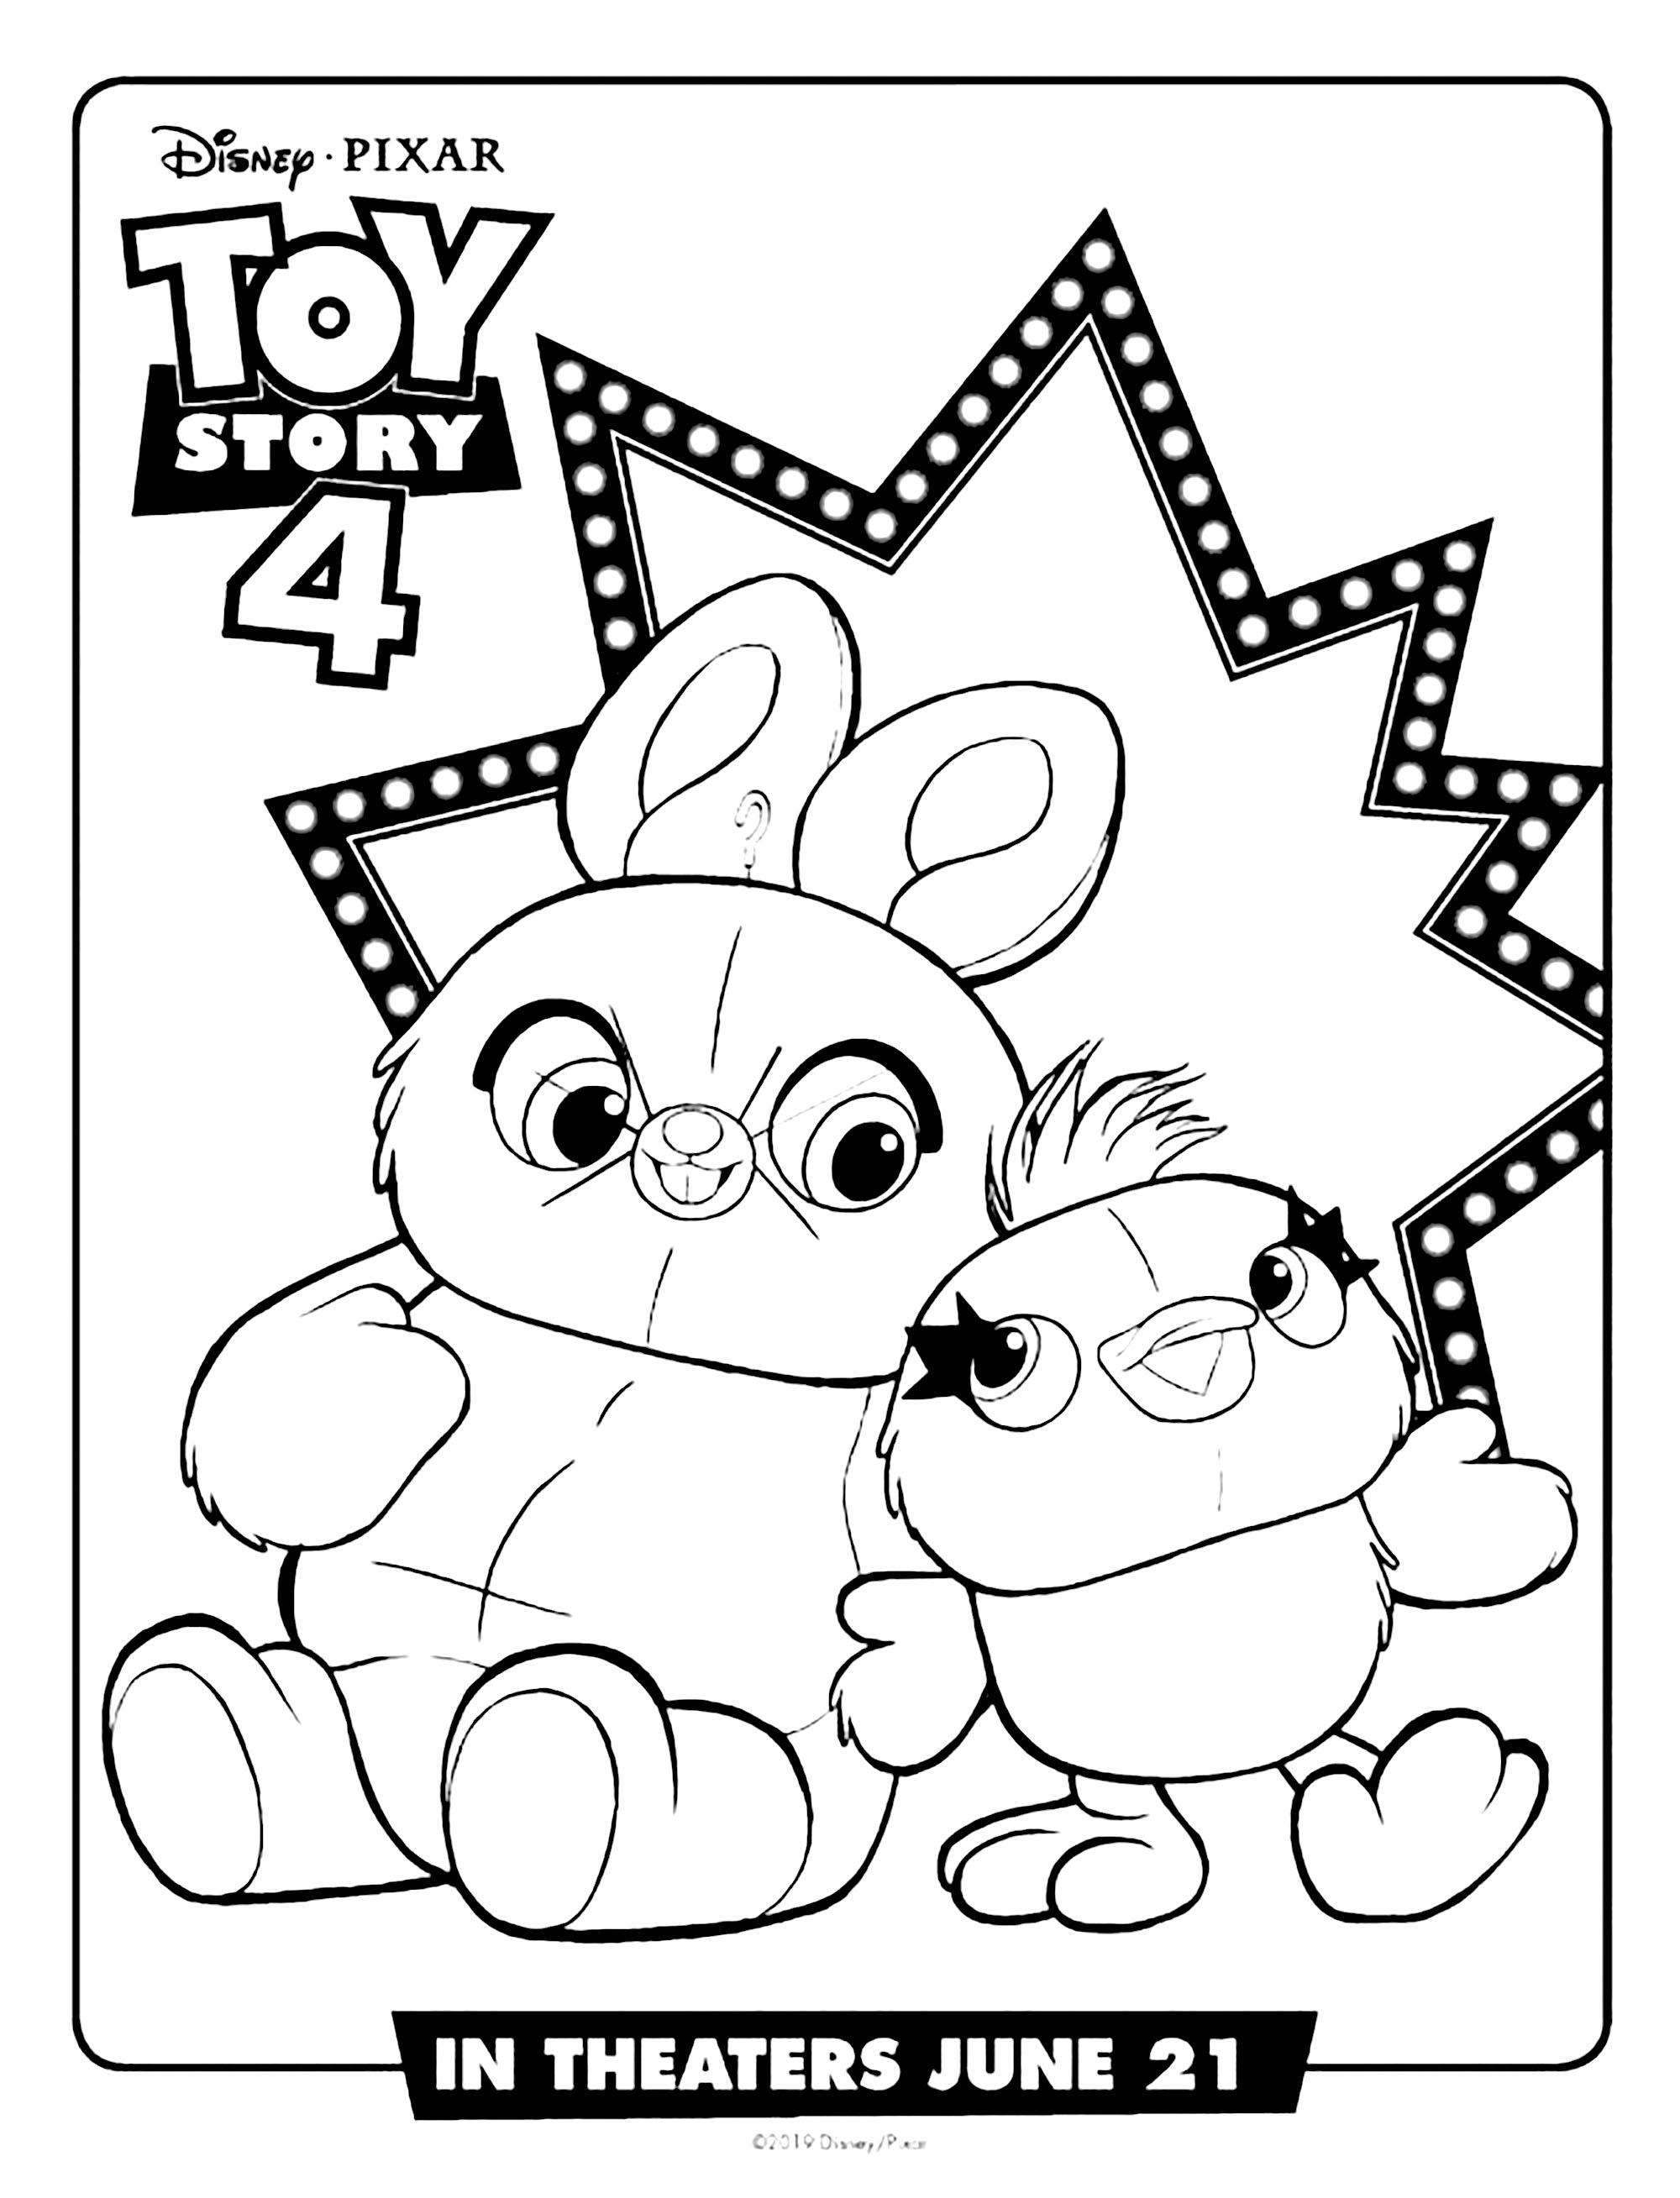 Ducky Et Bunny Coloriage De Toy Story 4 A Imprimer